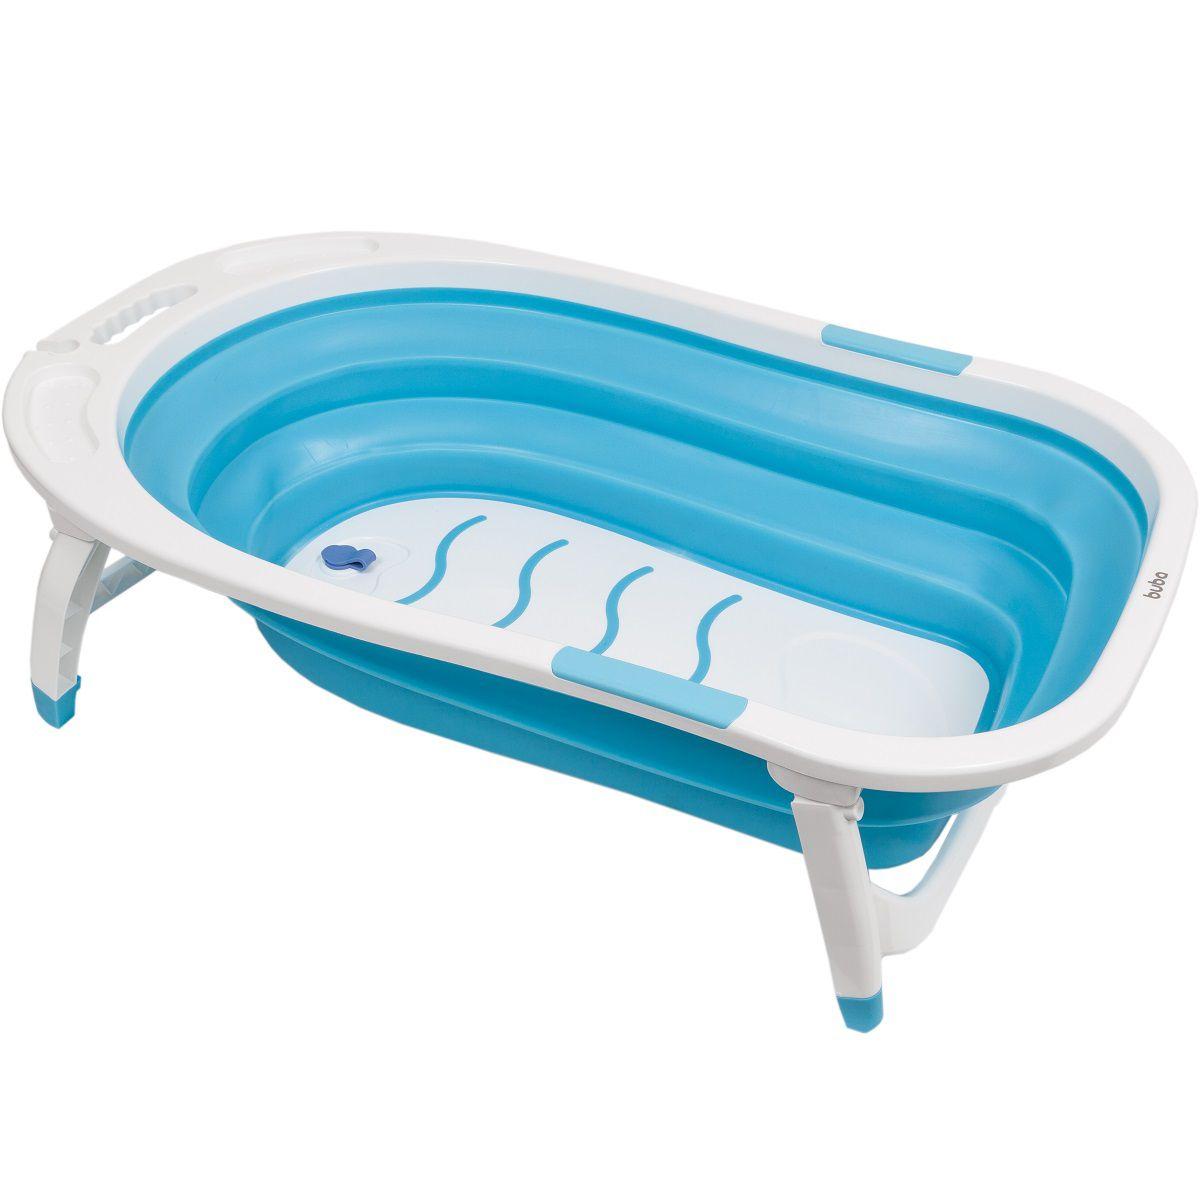 Banheira Baby Portátil Dobrável Flexível Azul - Buba Baby